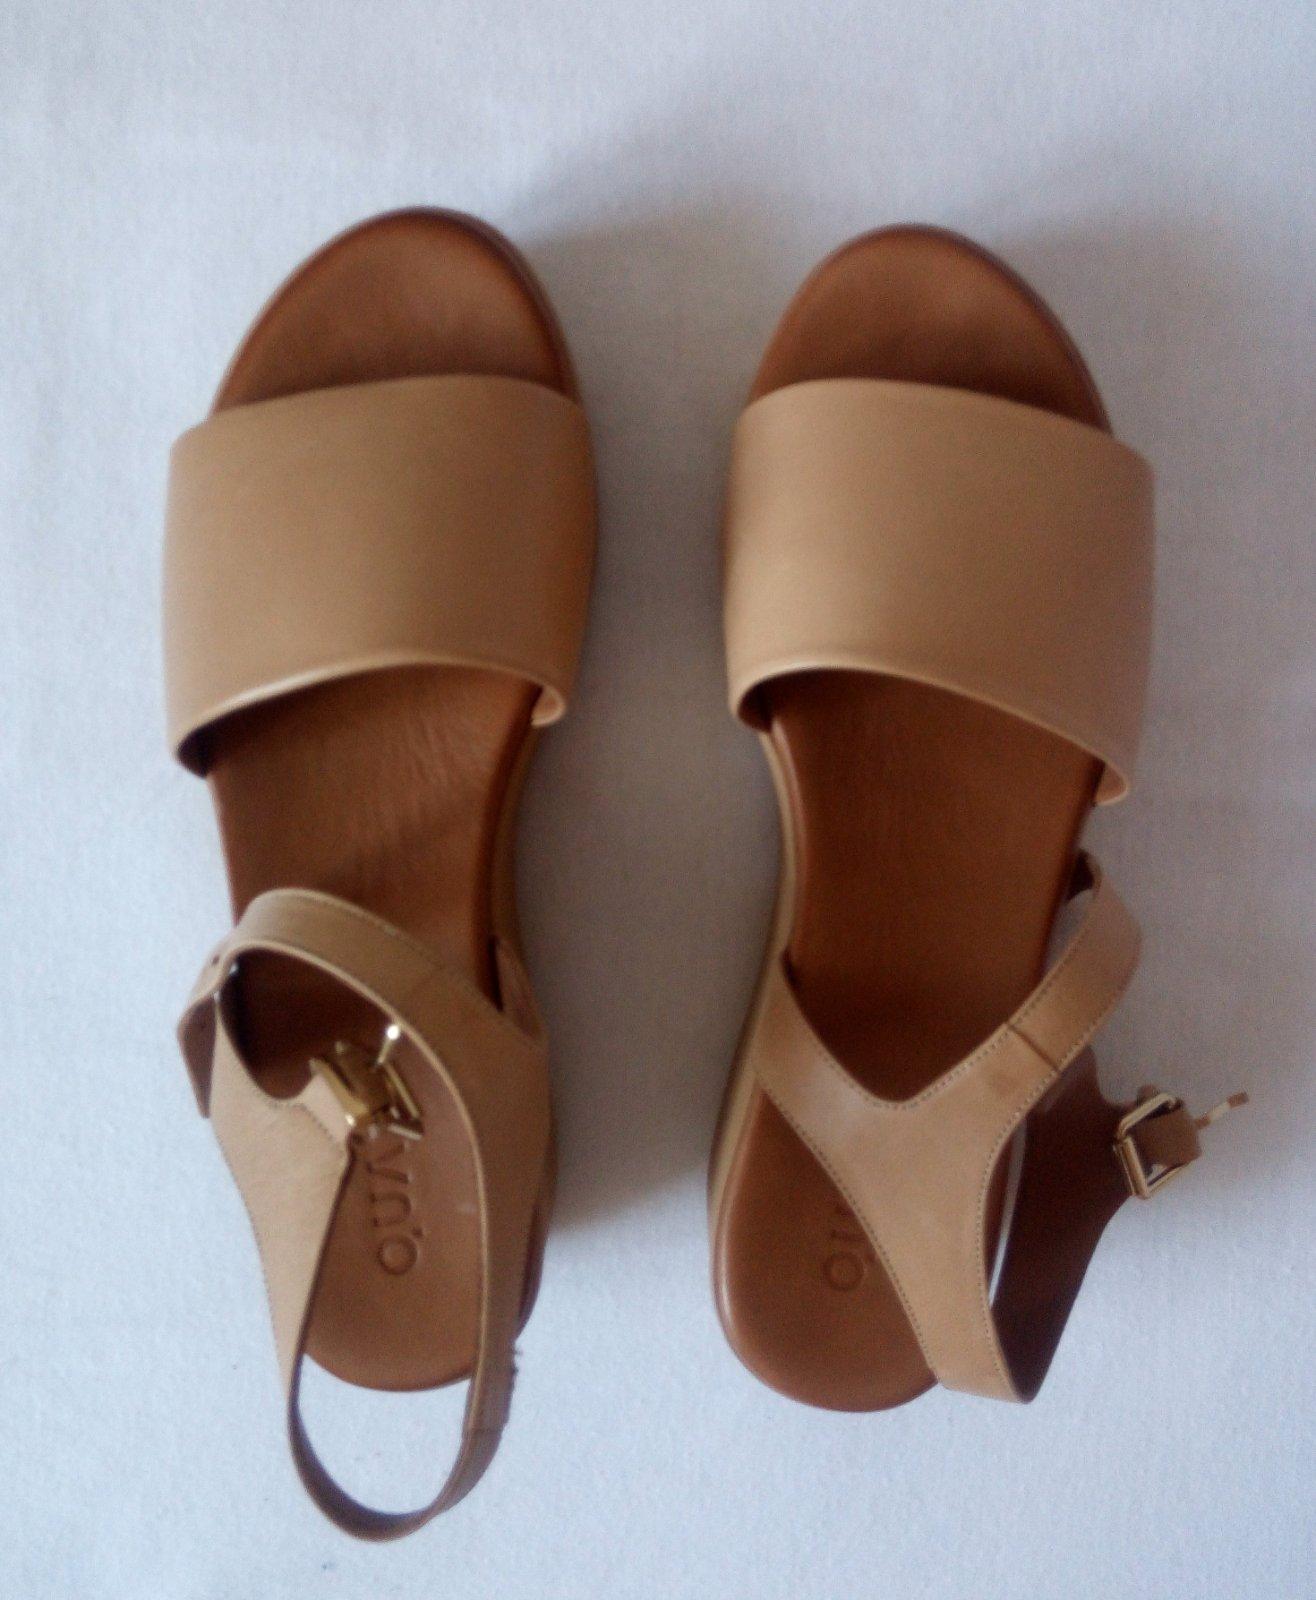 Bledé kožené sandále 38 - Obrázok č. 1